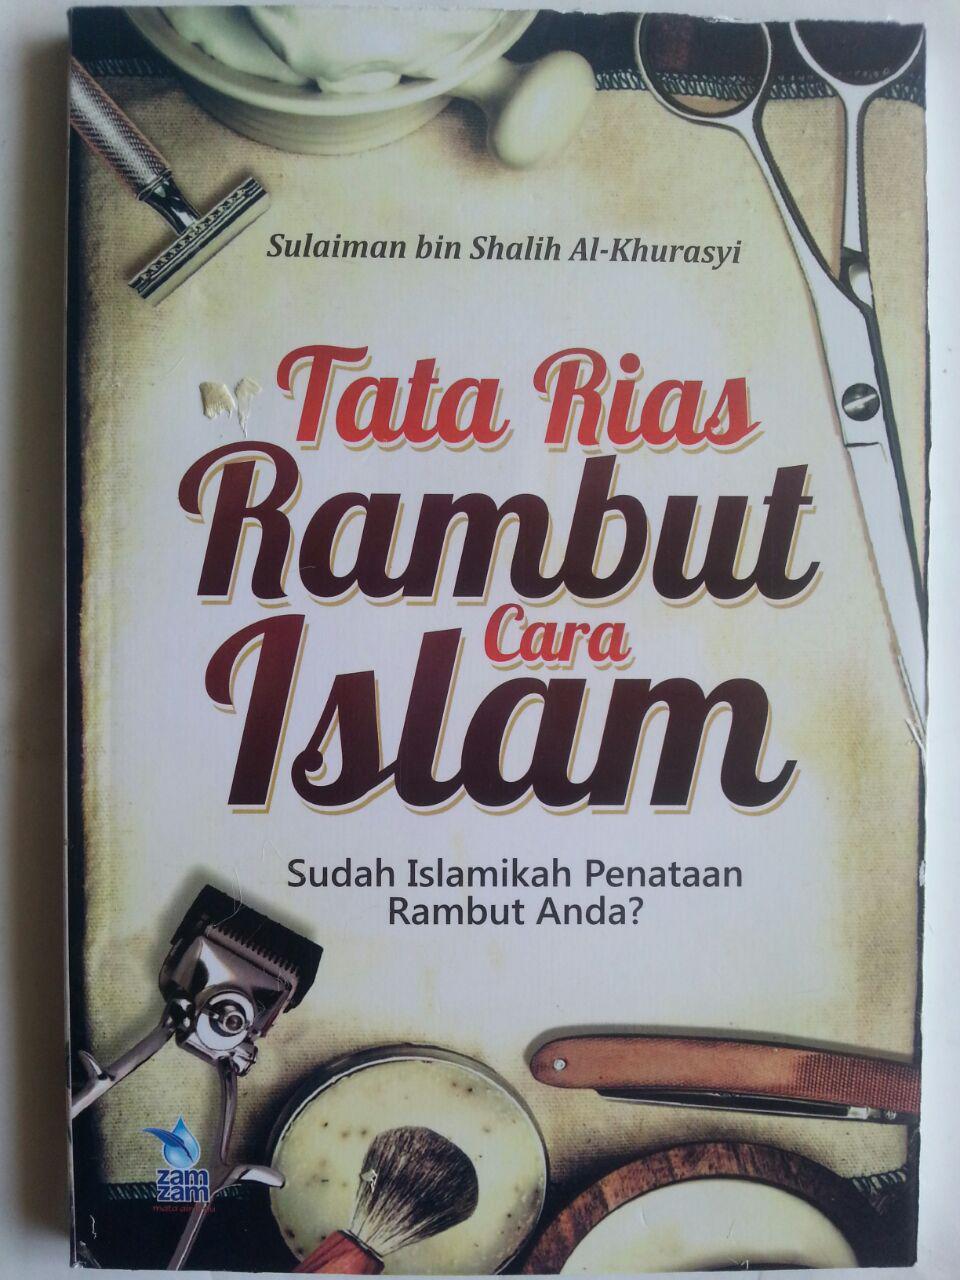 Buku Tata Rias Rambut Cara Islam cover 2